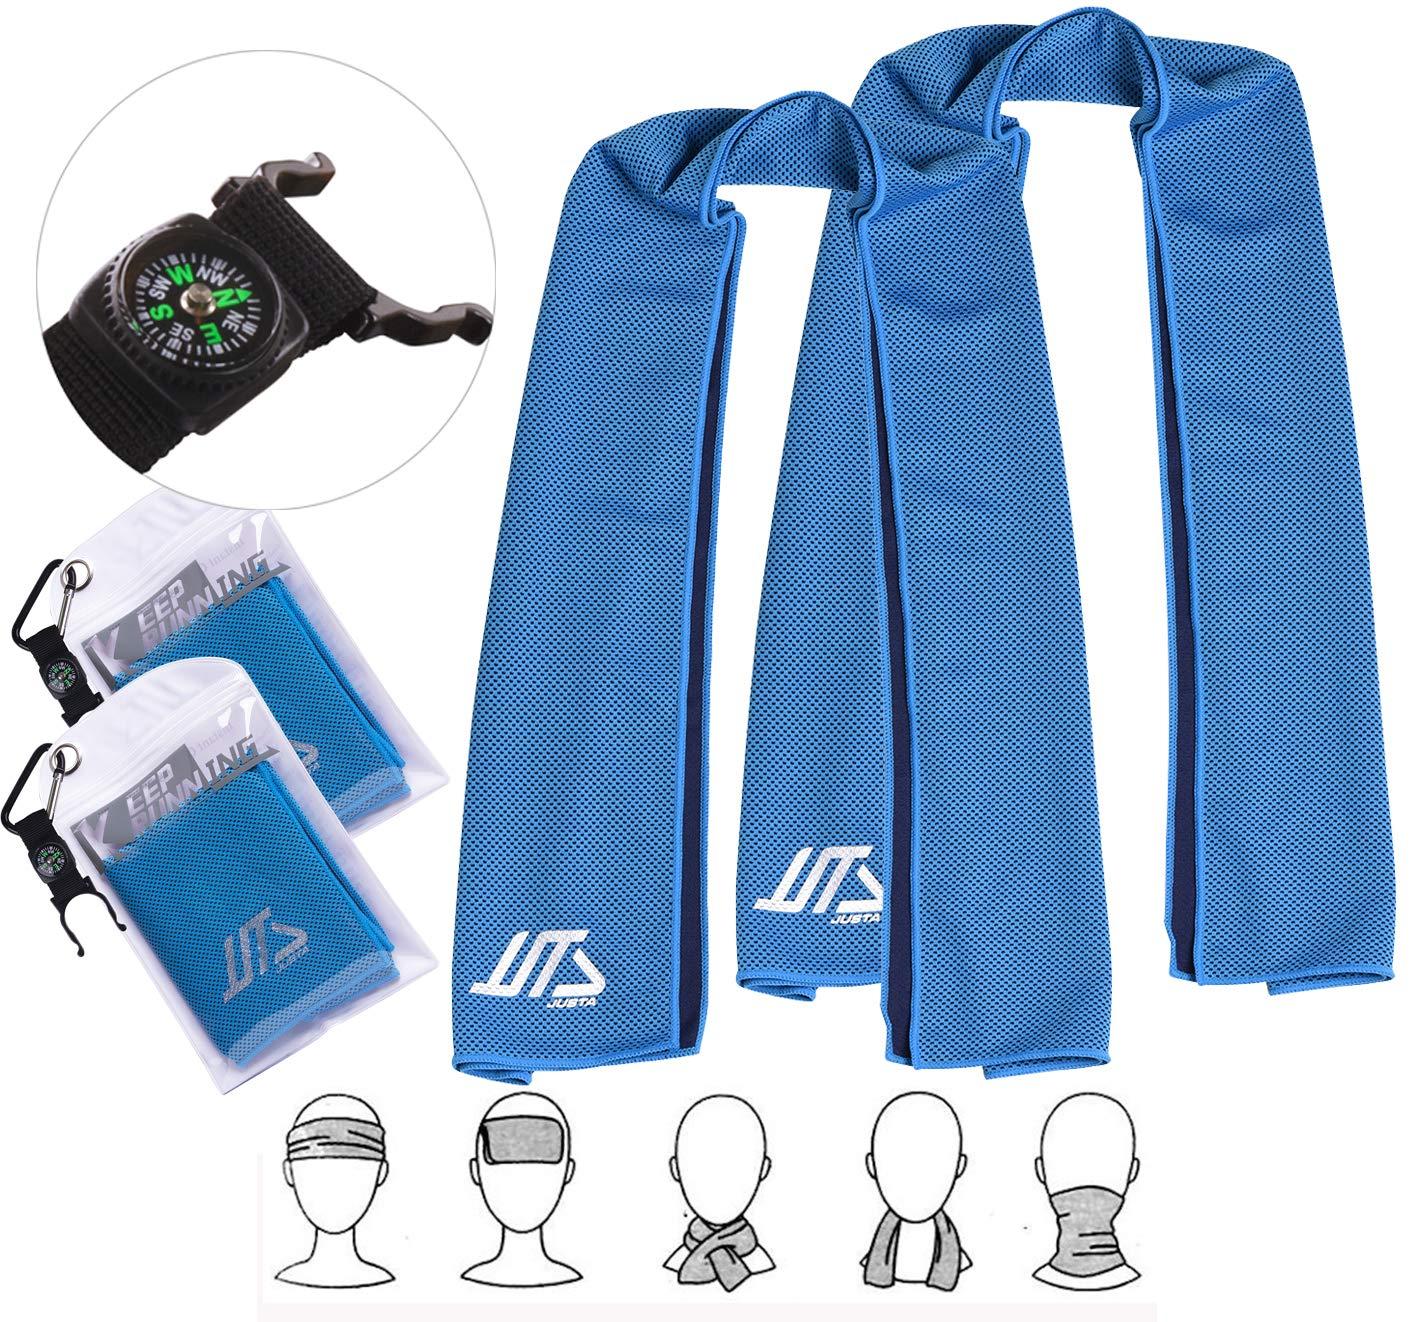 30 cm Qshare Toalla de enfriamiento instant/áneo Toallas de enfriamiento s/úper absorbentes para Deportes y Ejercicios 100